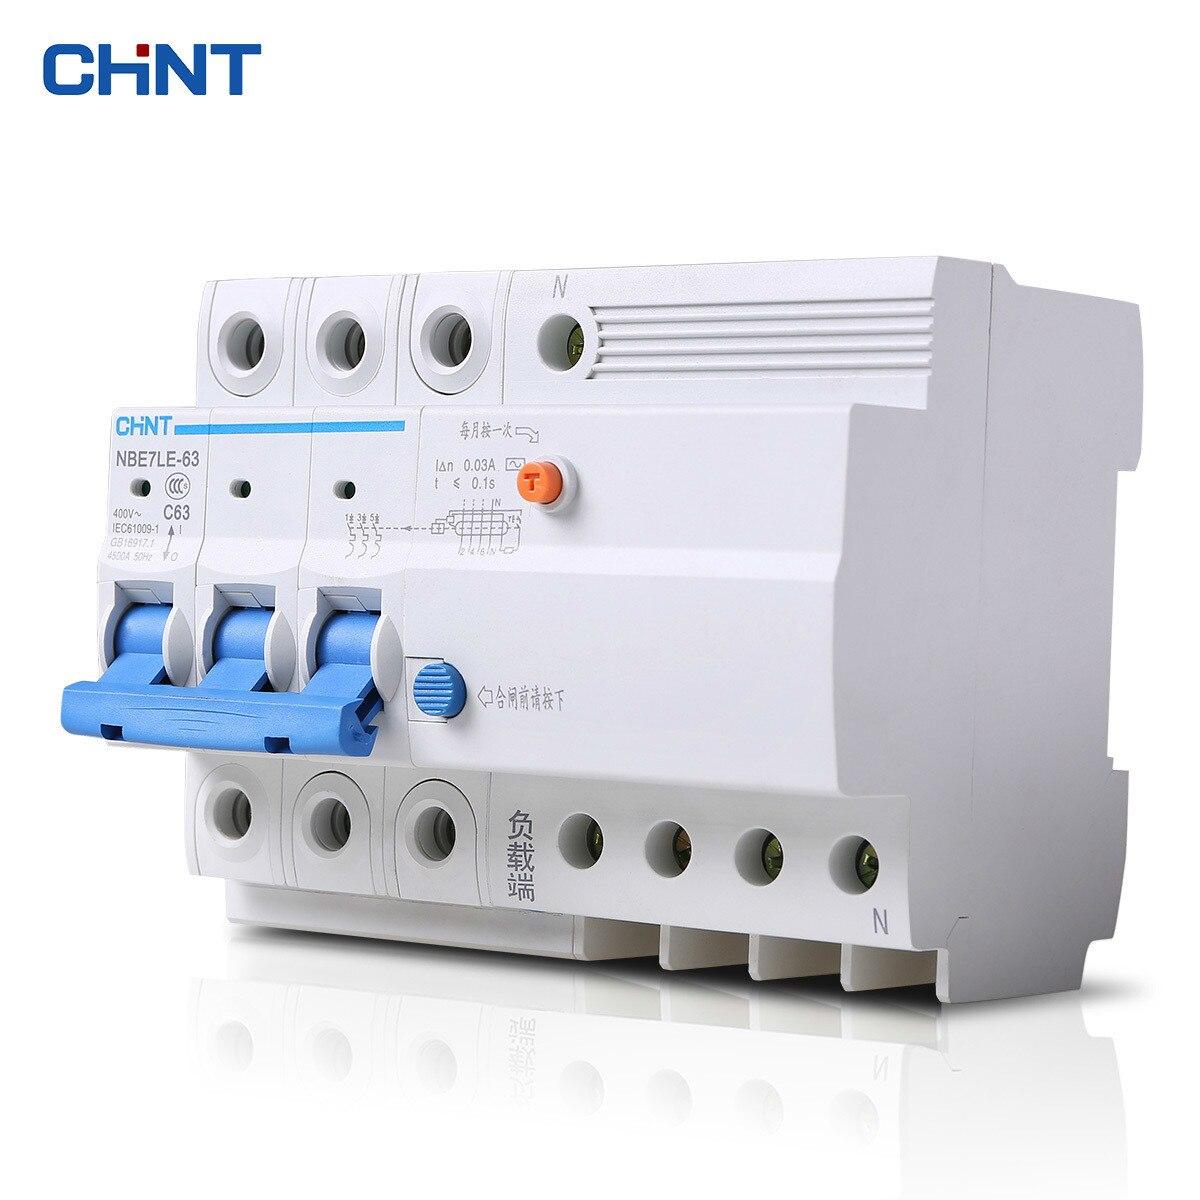 CHNT CHINT protecteur de fuite NBE7LE 3 P + N 16A 20A 25A 32A 40A 63A petit disjoncteur interrupteur d'air